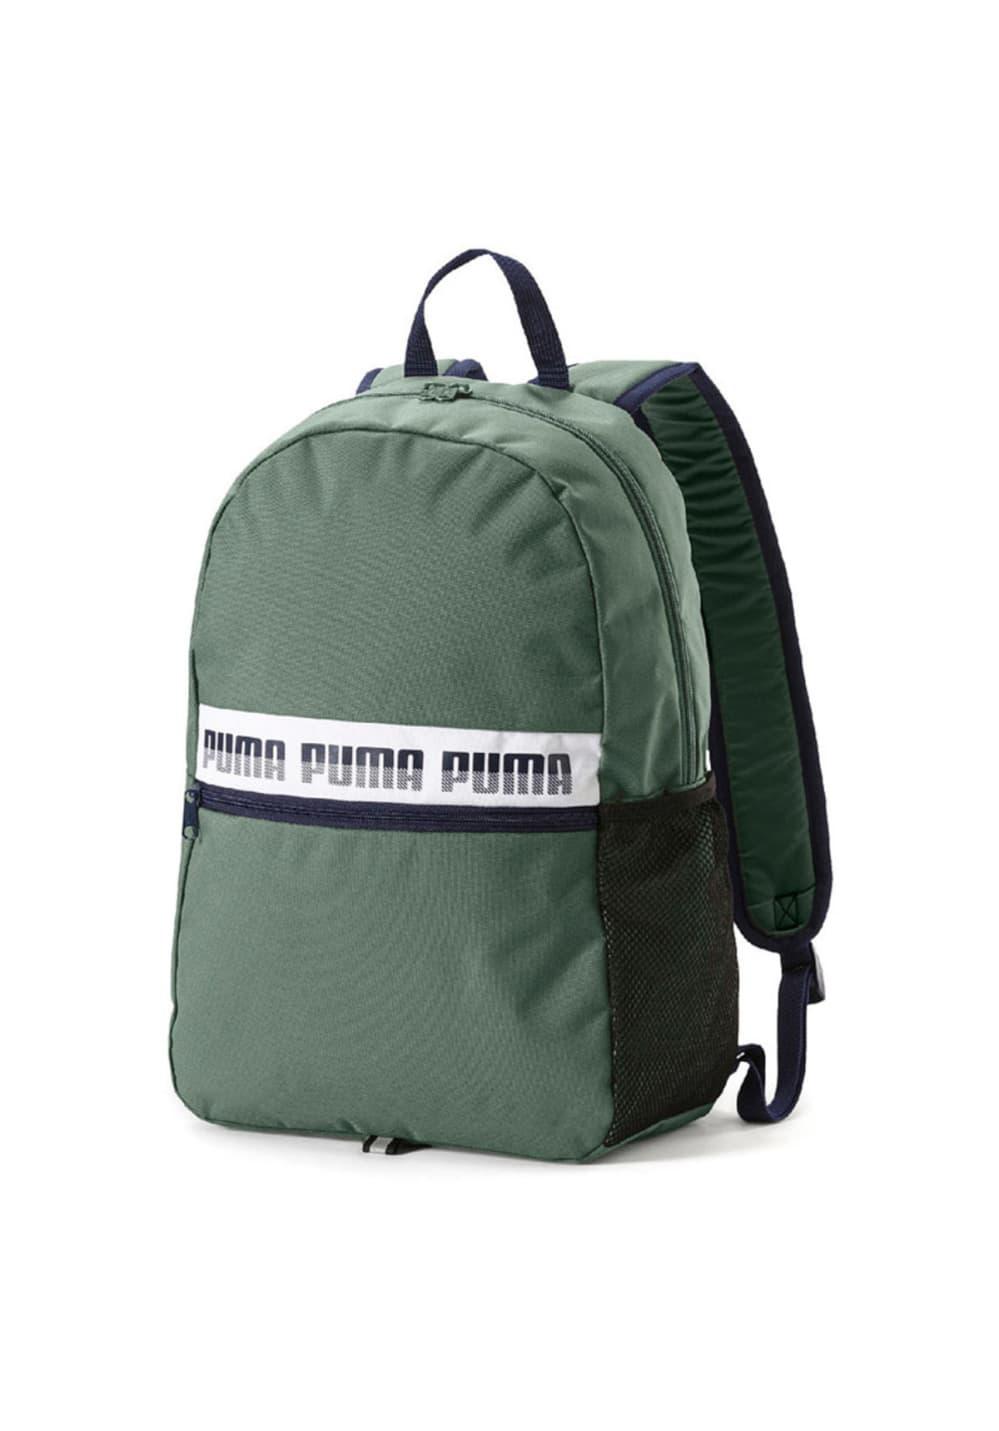 91ee8eaab Puma Phase Backpack II - Backpacks - Green | 21RUN